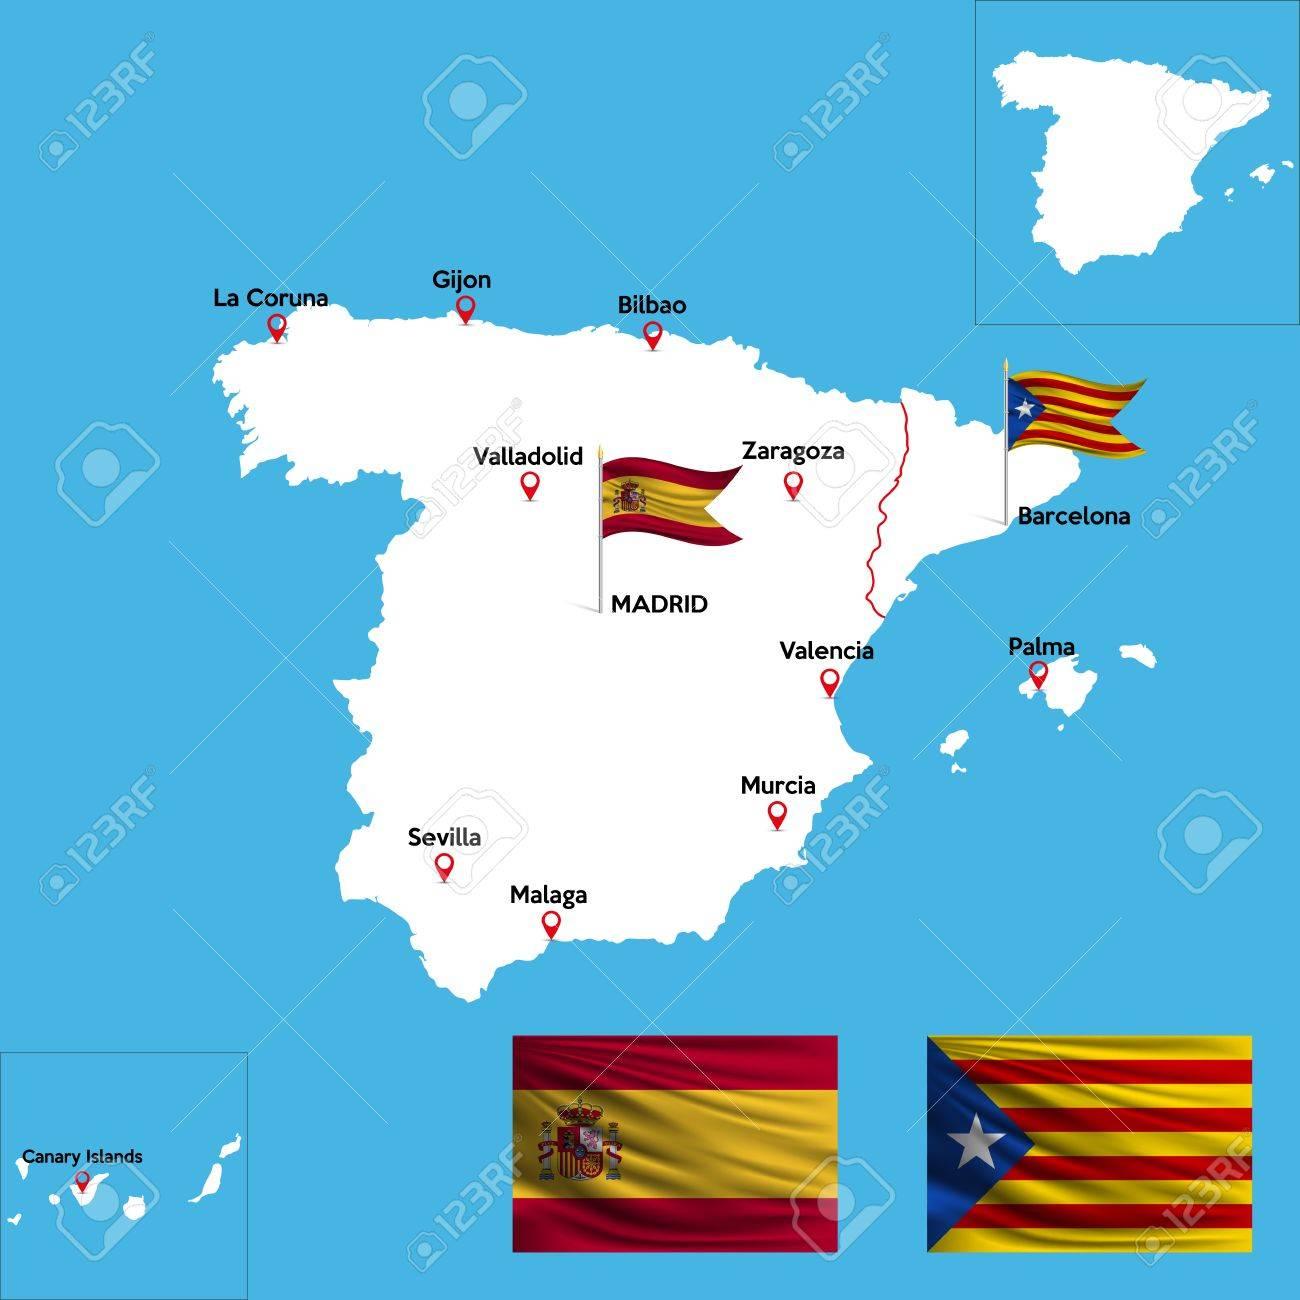 Un Mapa Detallado De Espana Con Los Indices De Las Principales